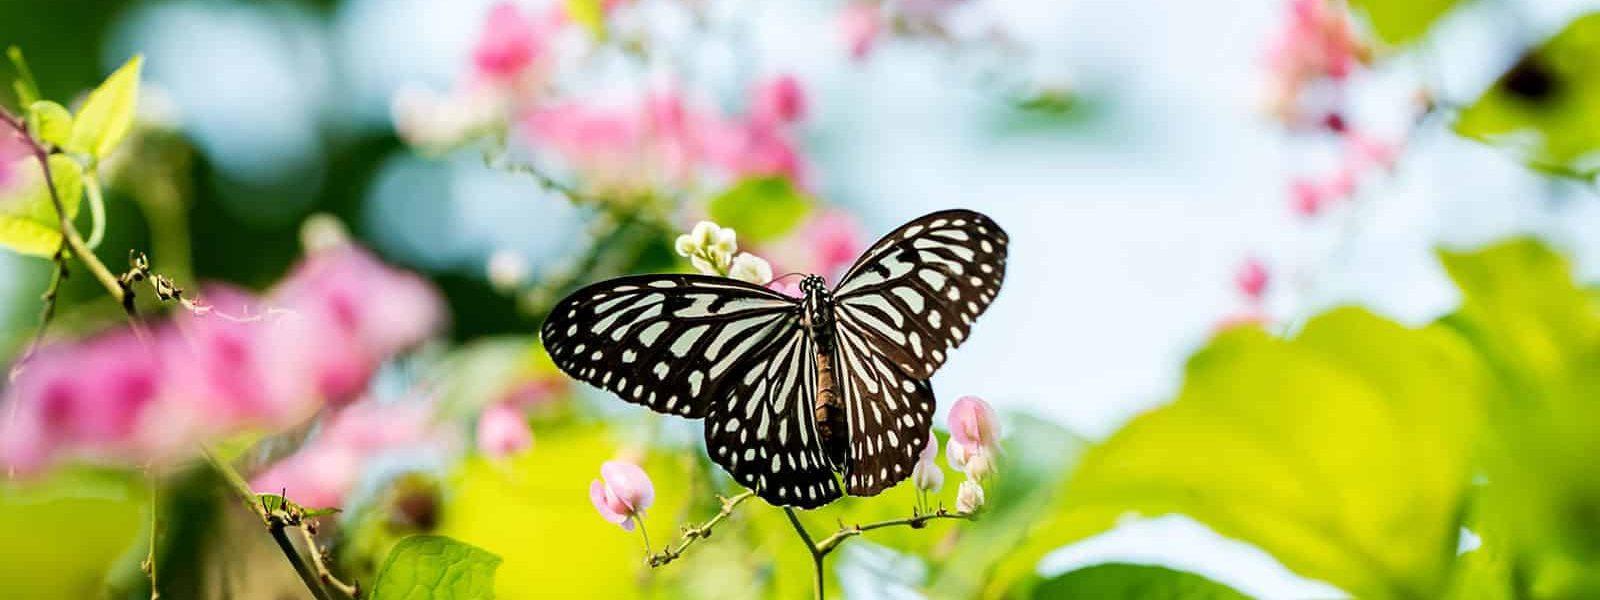 Butterfly park: the unsung beauty of Kuala Lumpur